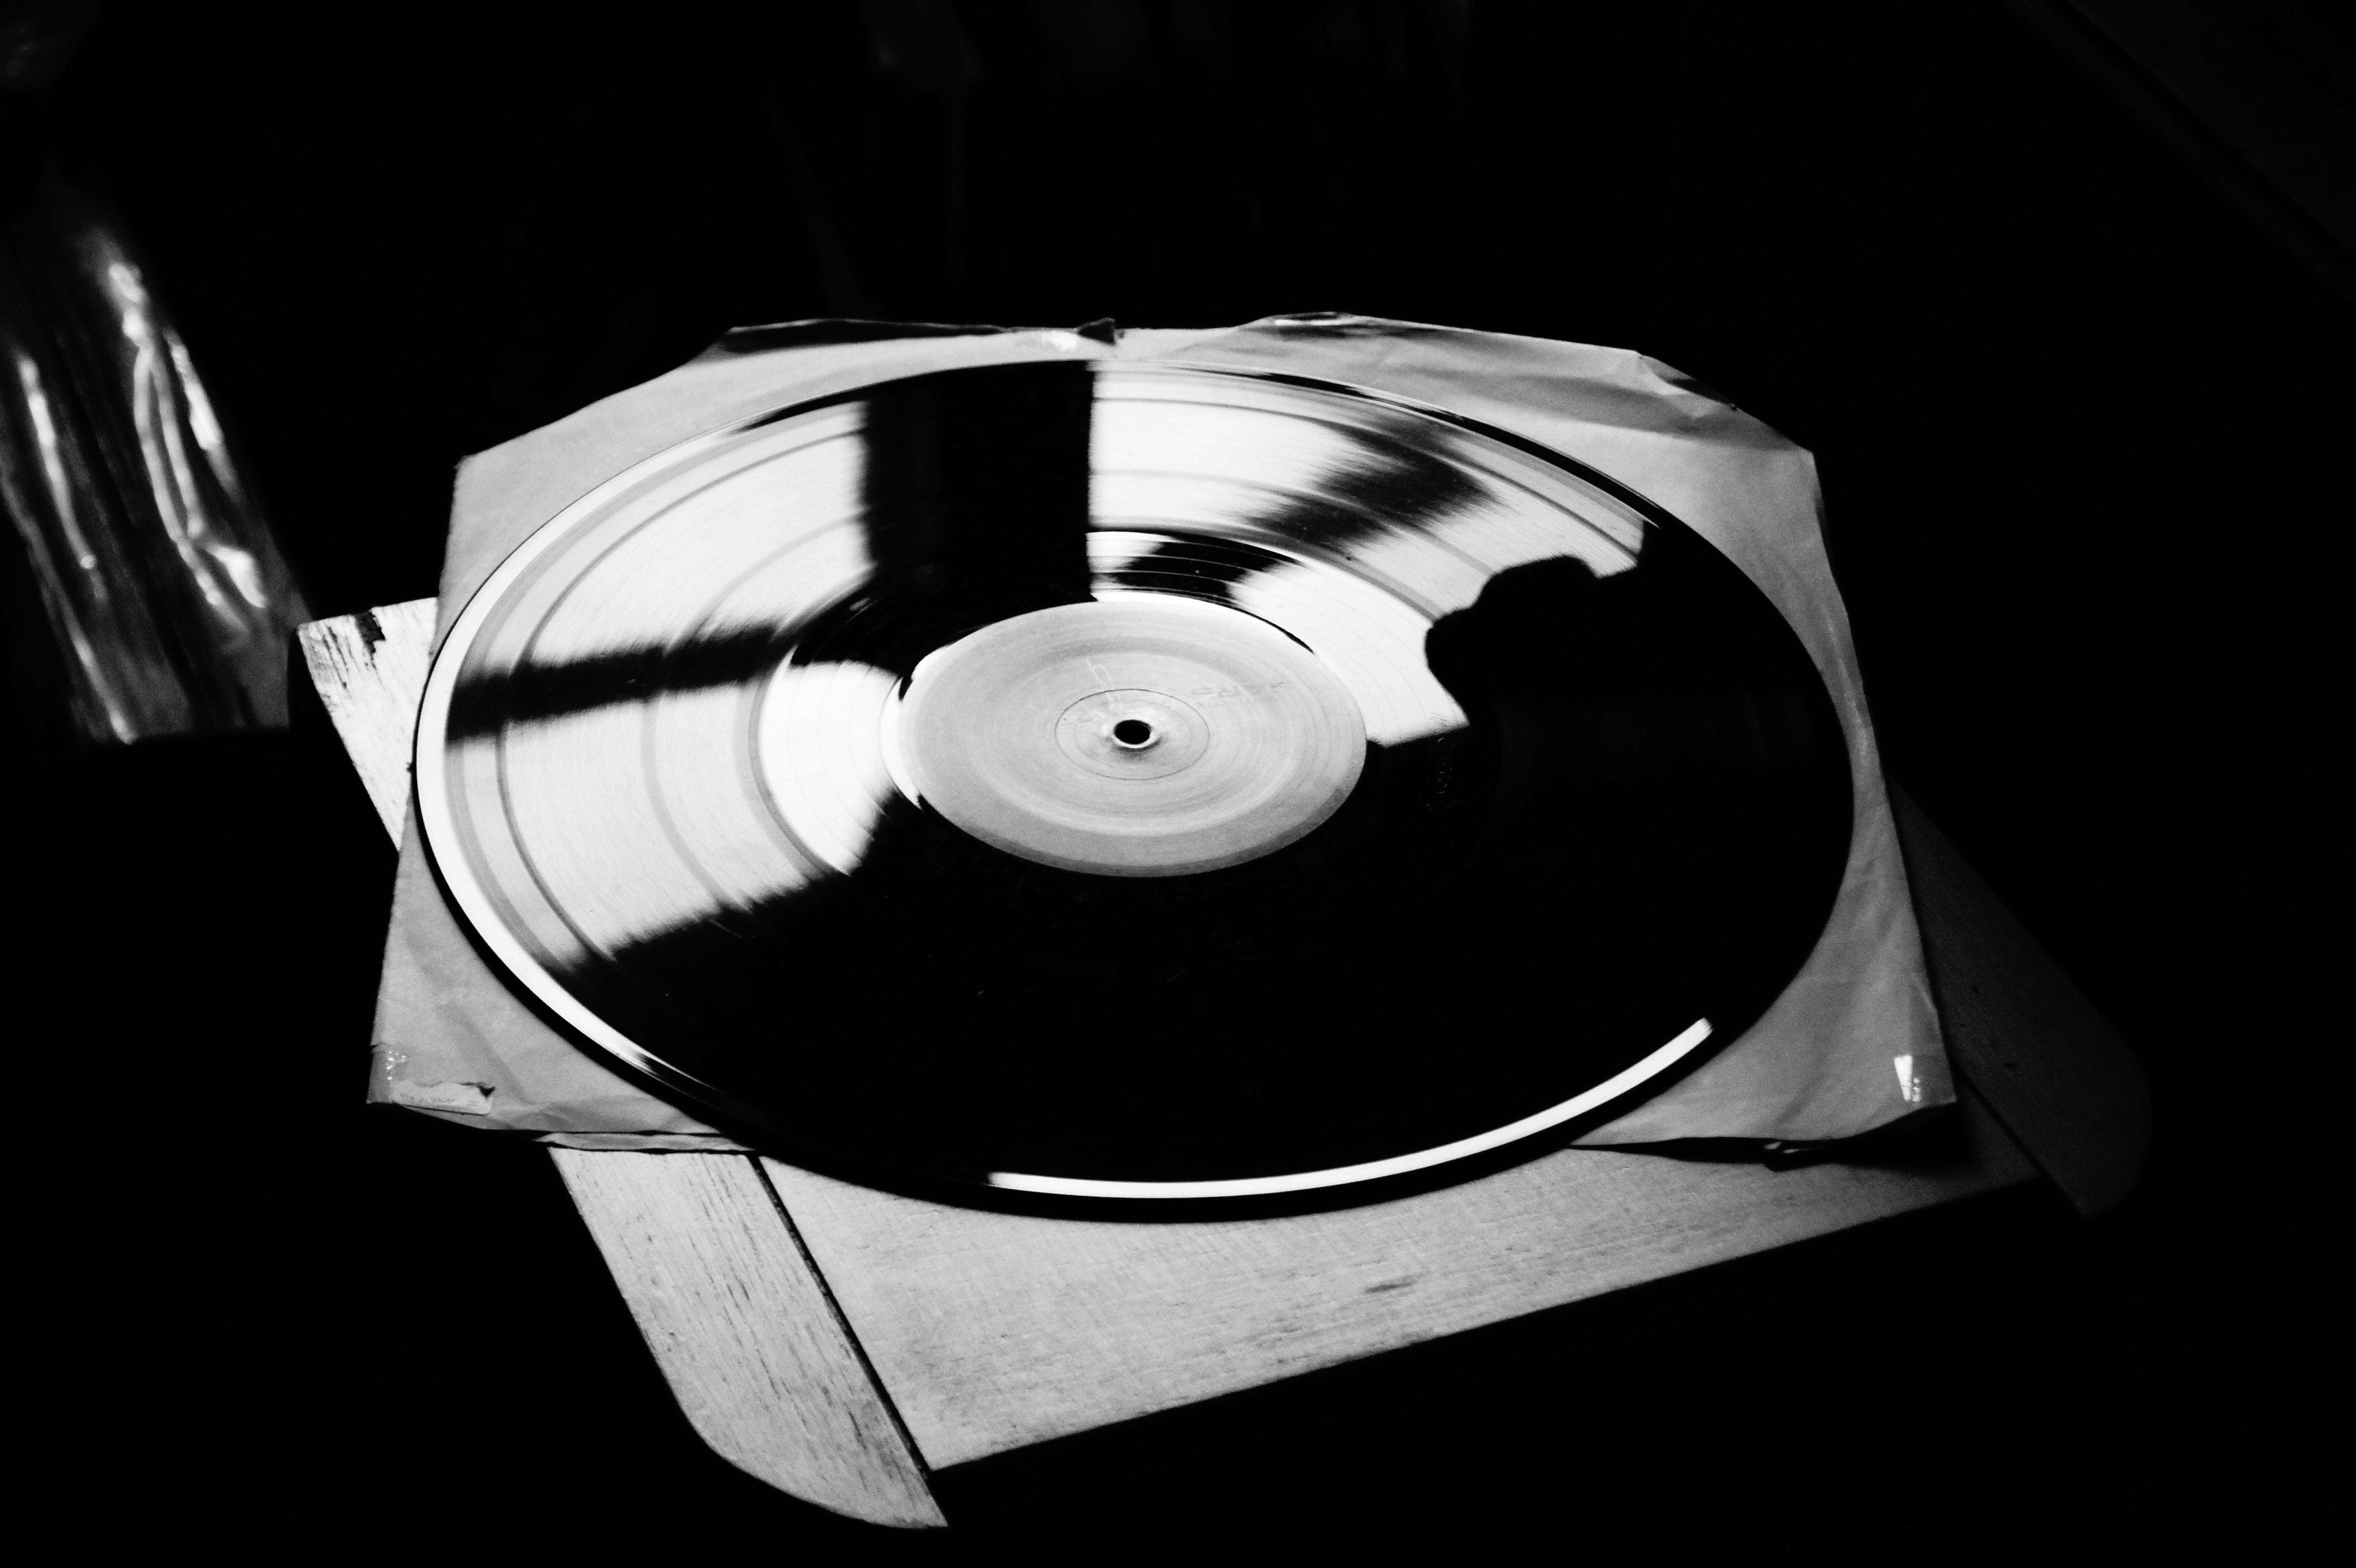 Gratis afbeeldingen muziek vinyl zwart en wit boord